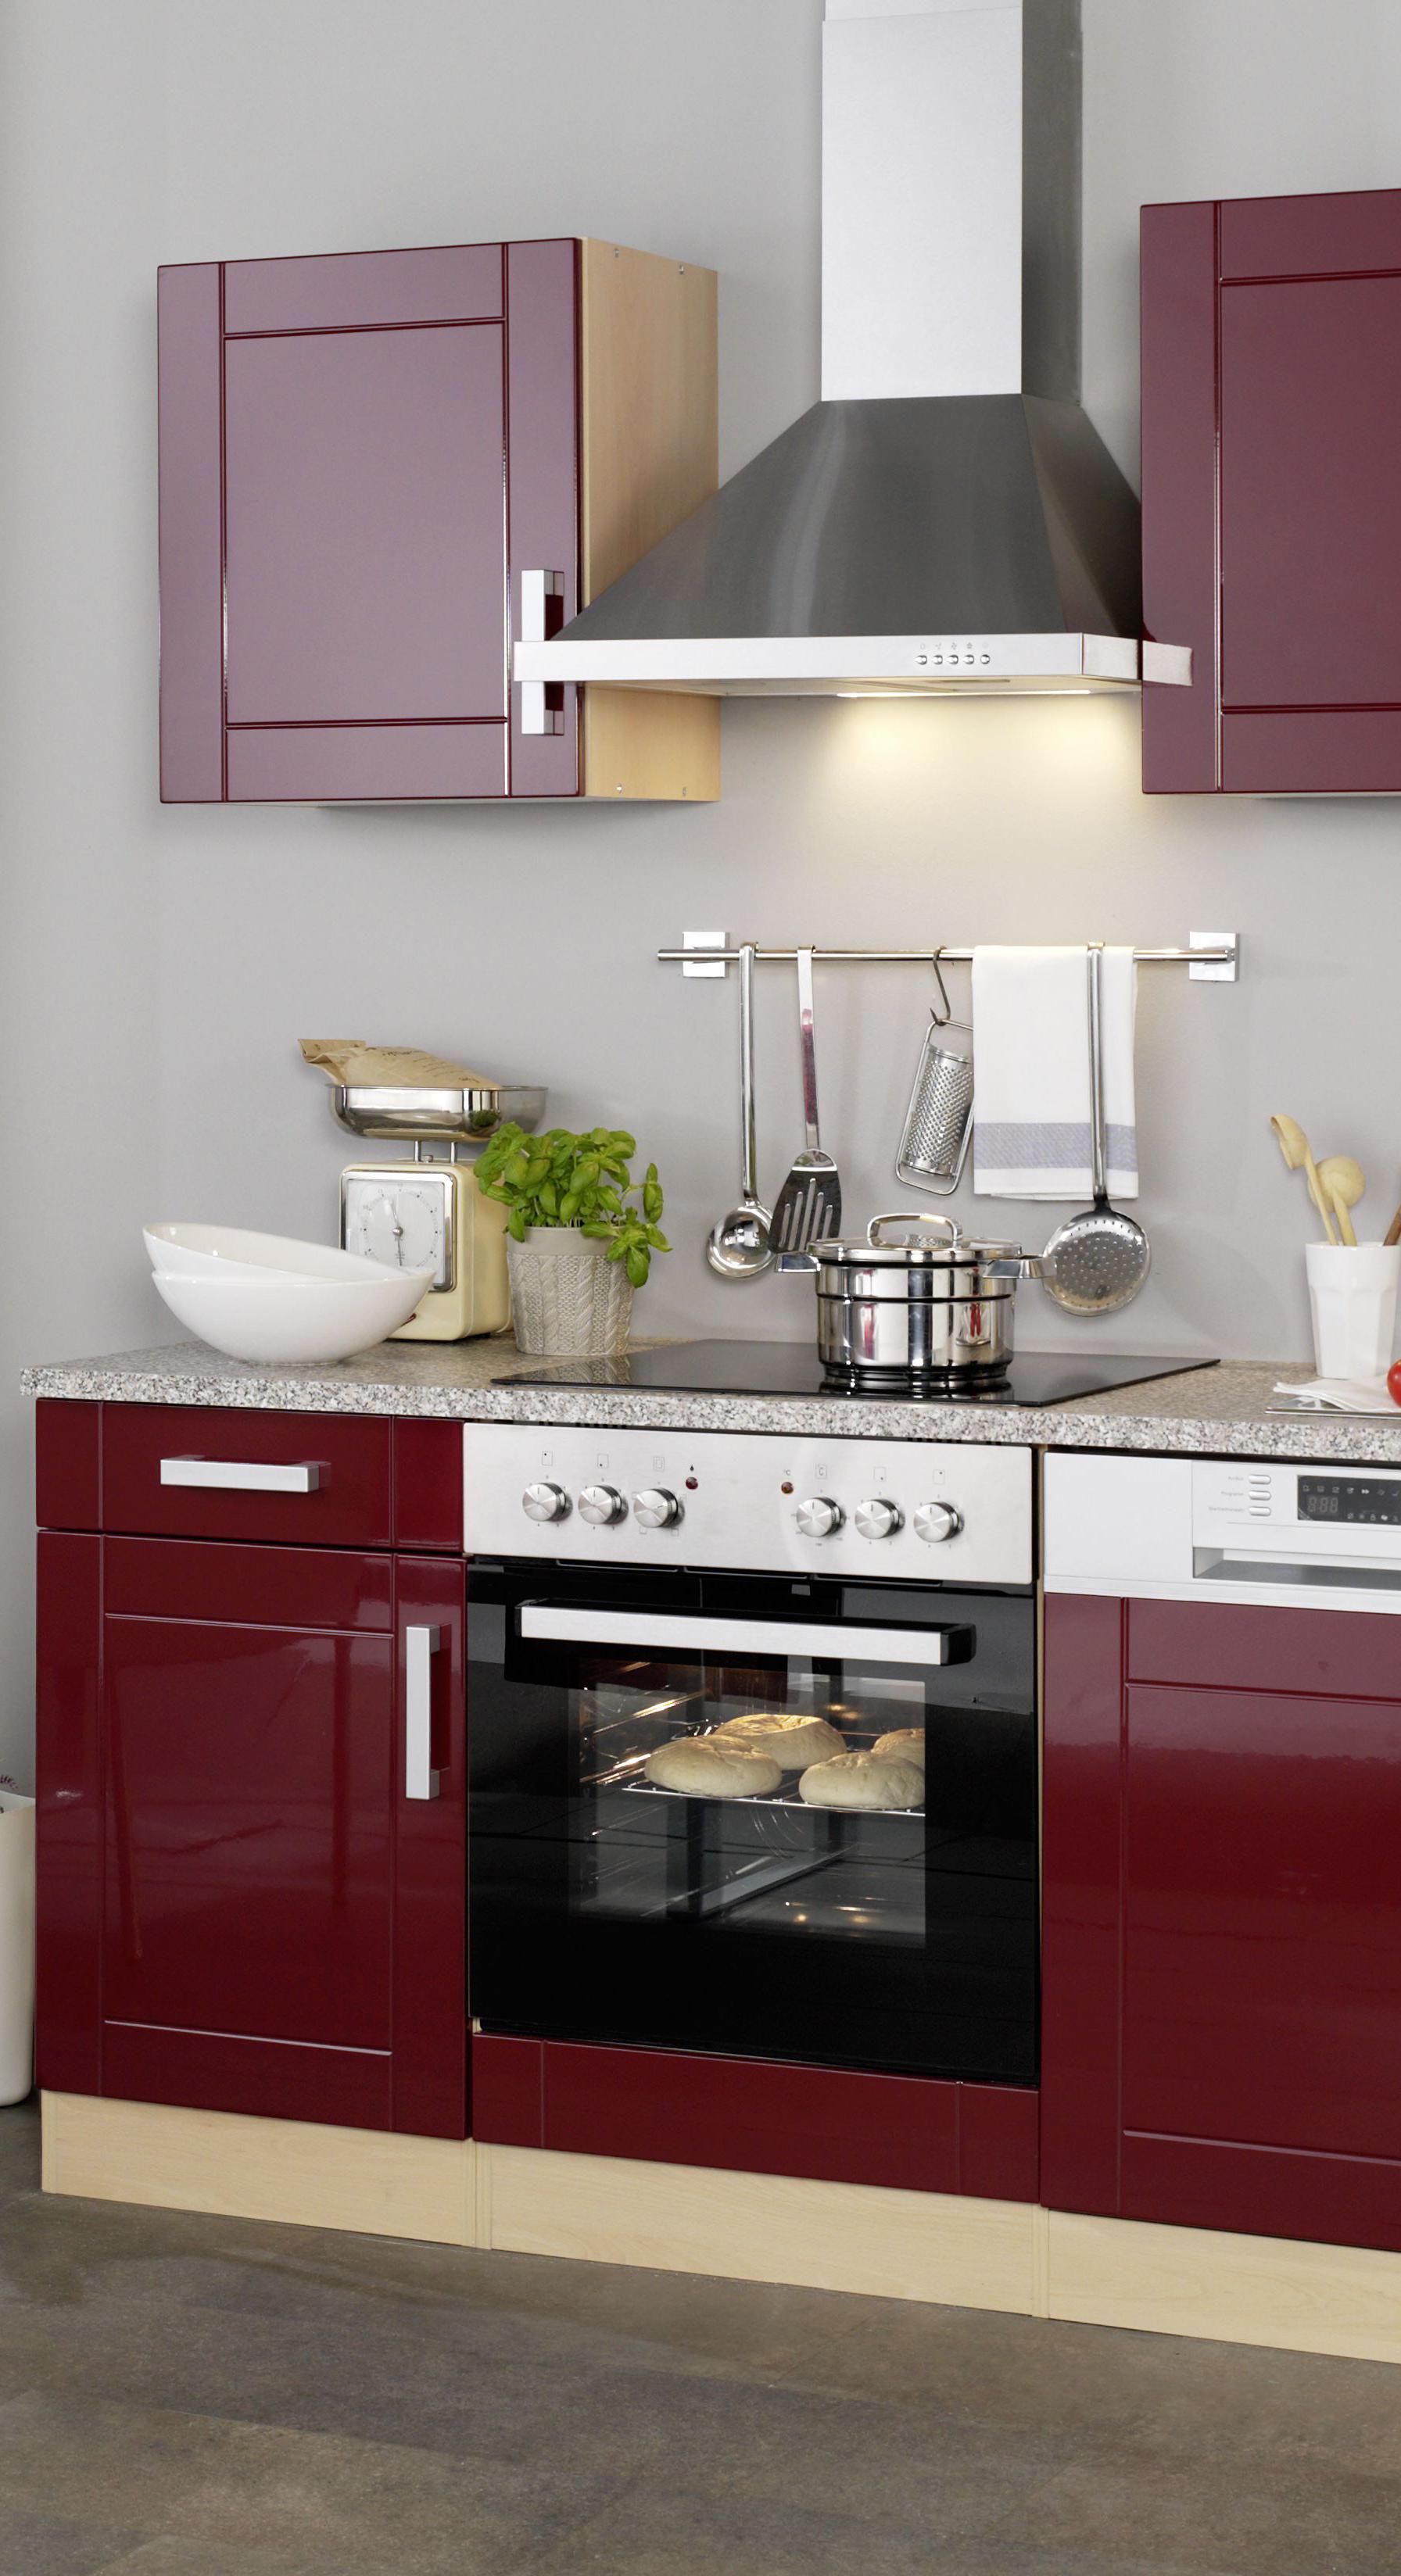 Einbauküche Varel | Pinterest | Einbauküchen, Arbeitsplatte und Zuhause